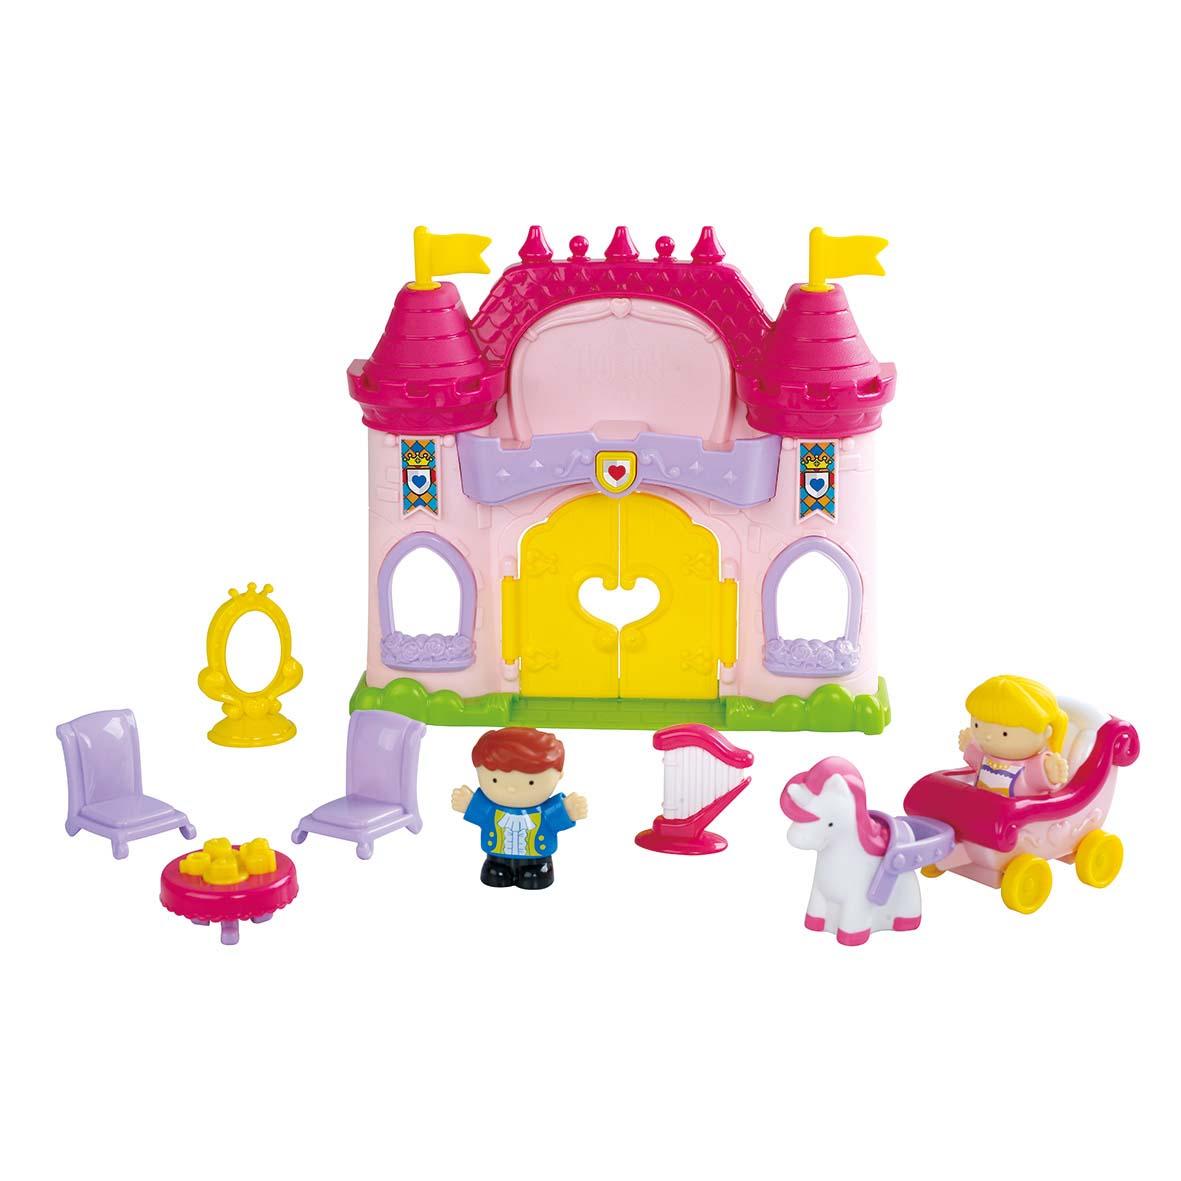 Купить Игровой набор - Сказочный замок, 11 предметов, звук, PlayGo